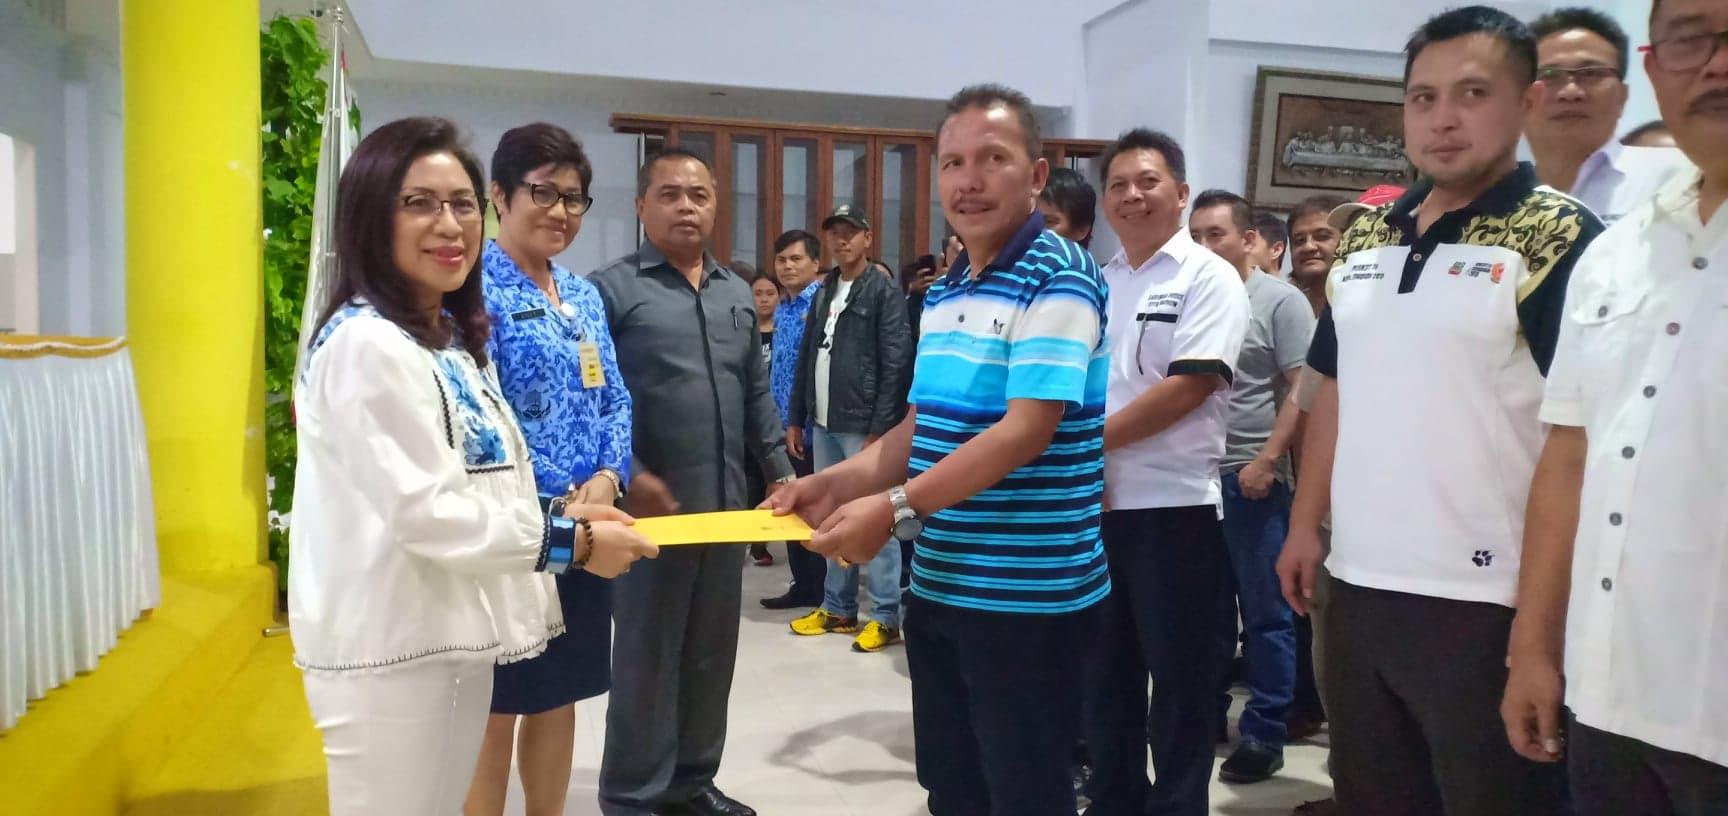 Ketua KONI Tomohon Ir Miky Junita Linda Wenur  MAP menyerahkan SK Kontingen